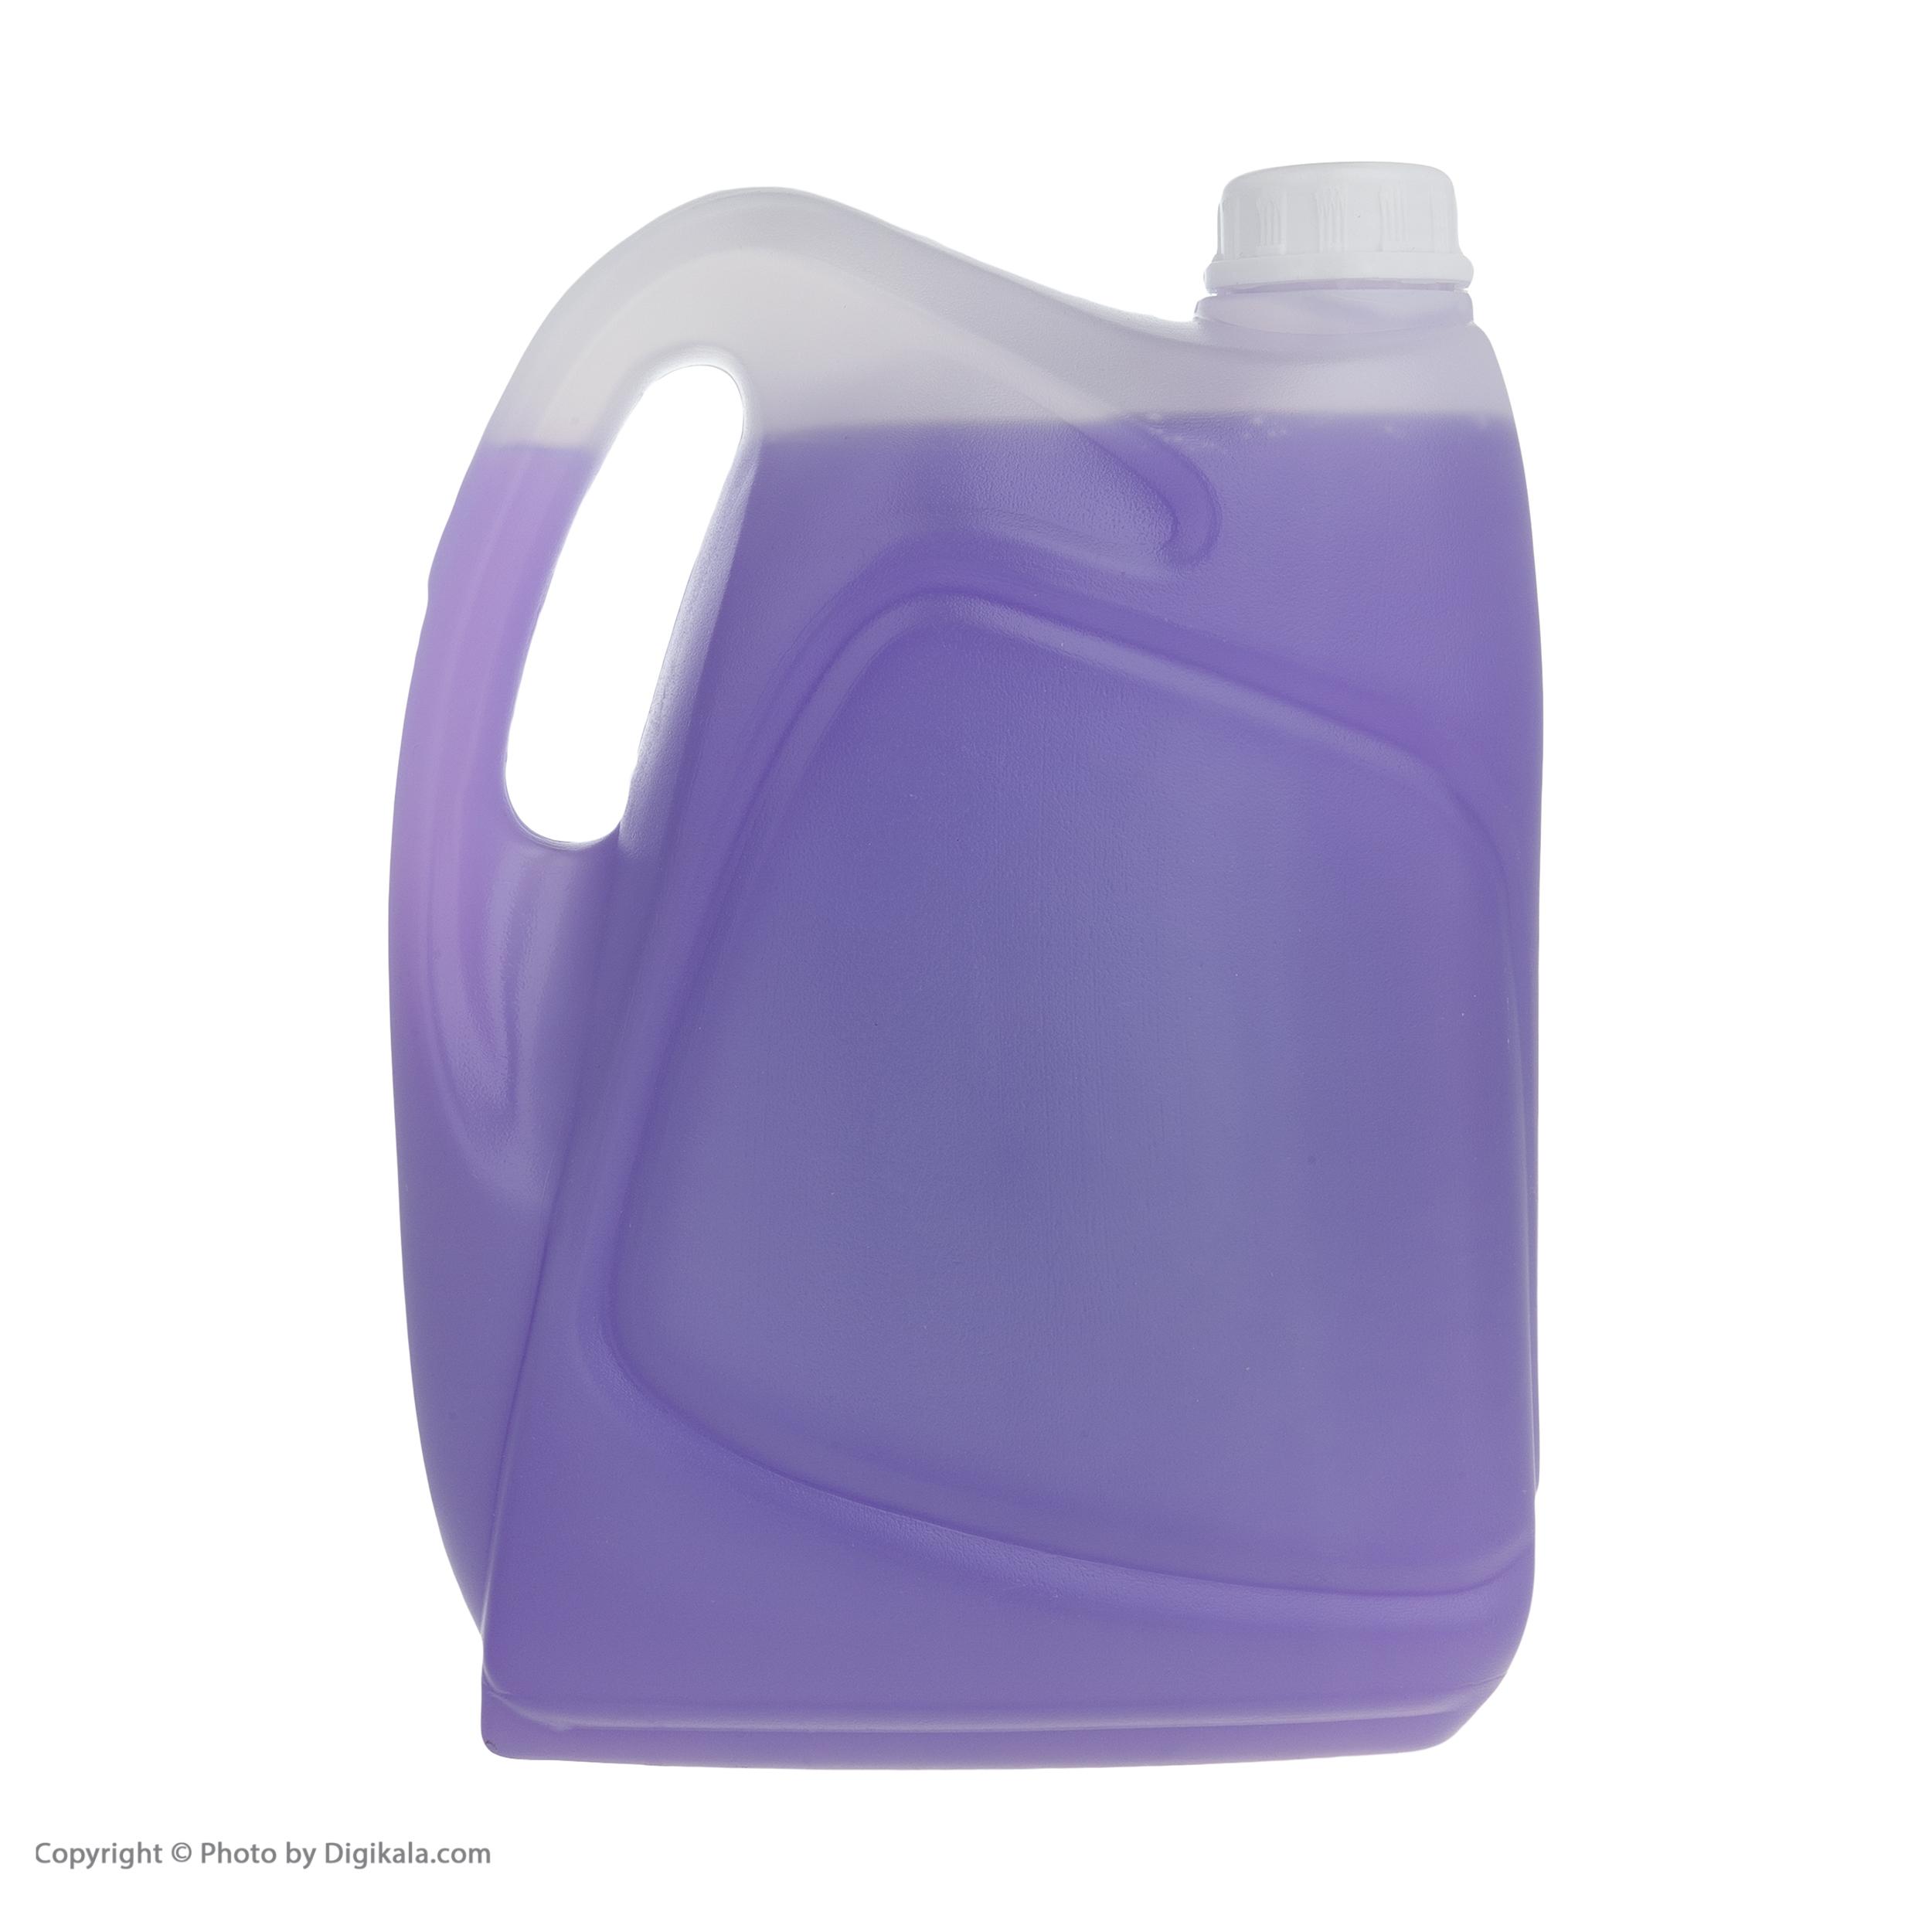 مایع دستشویی تاپ مدل Purple مقدار 3.75 کیلوگرم